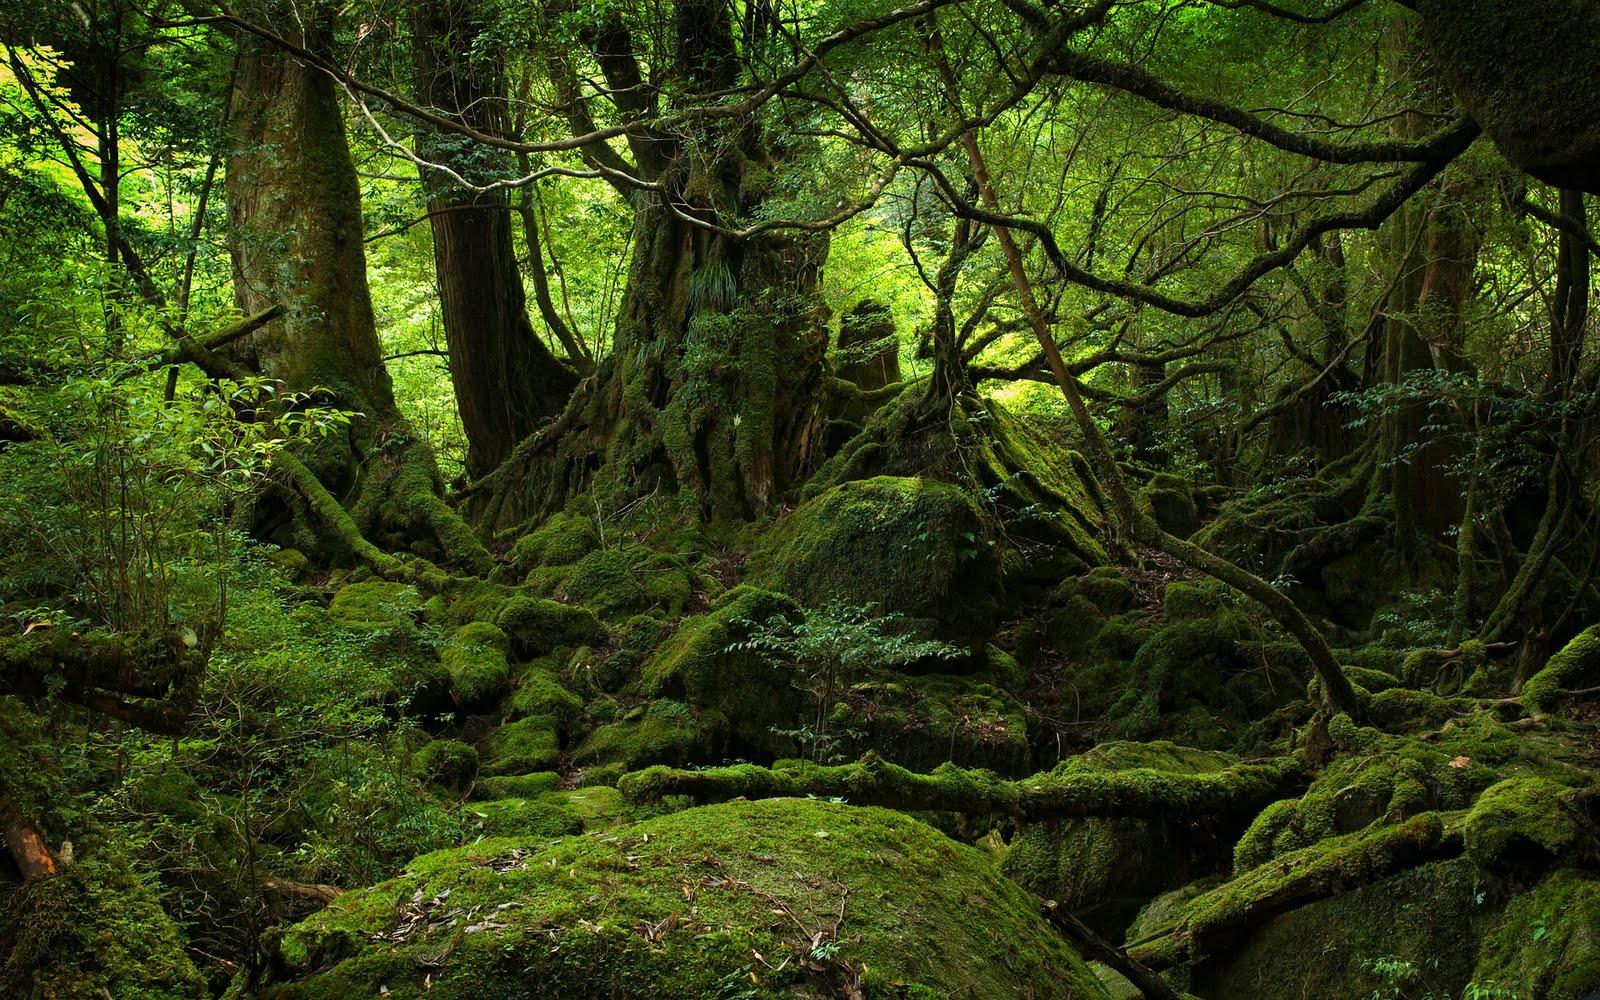 http://1.bp.blogspot.com/-oBS5fexMhHE/TtzQ6BleI7I/AAAAAAAAAqk/2QX6Ve1otr4/s1600/forest-background-2-748415.jpg